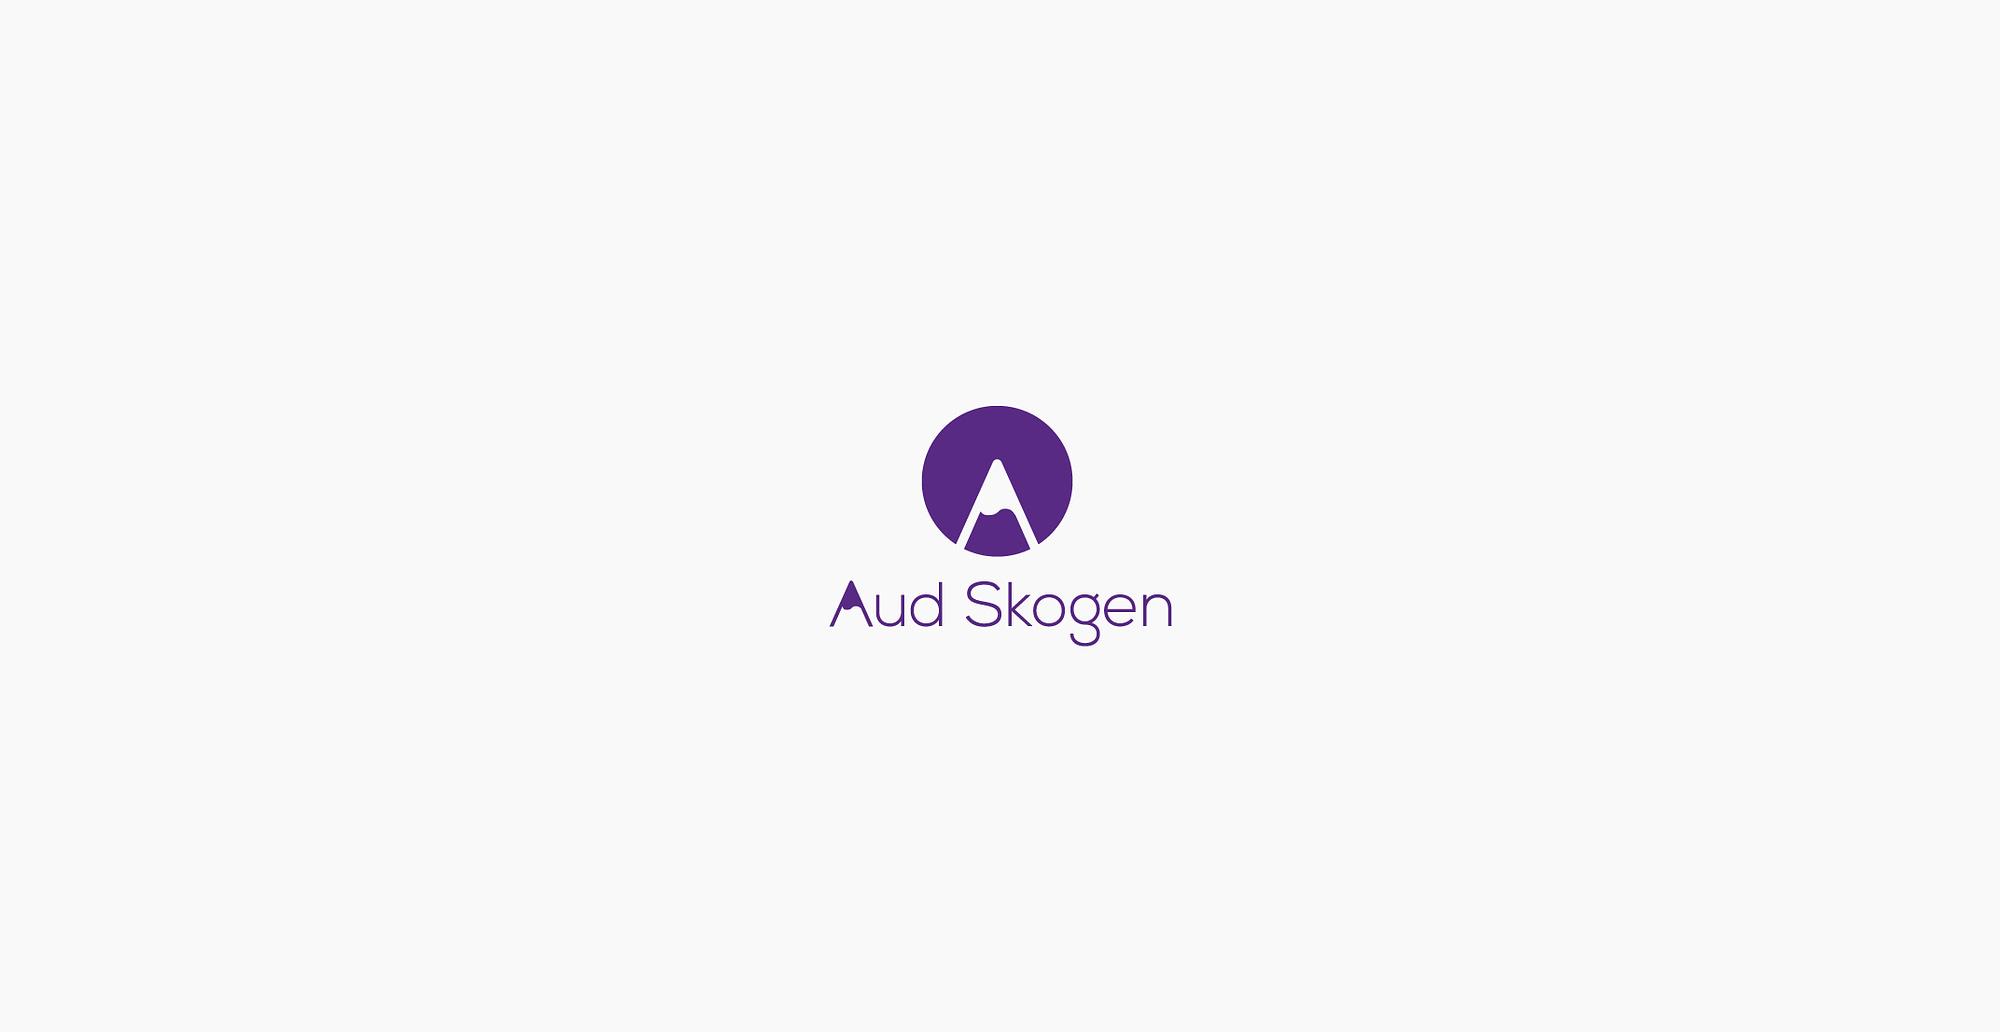 Logo designe for Aud Skogen